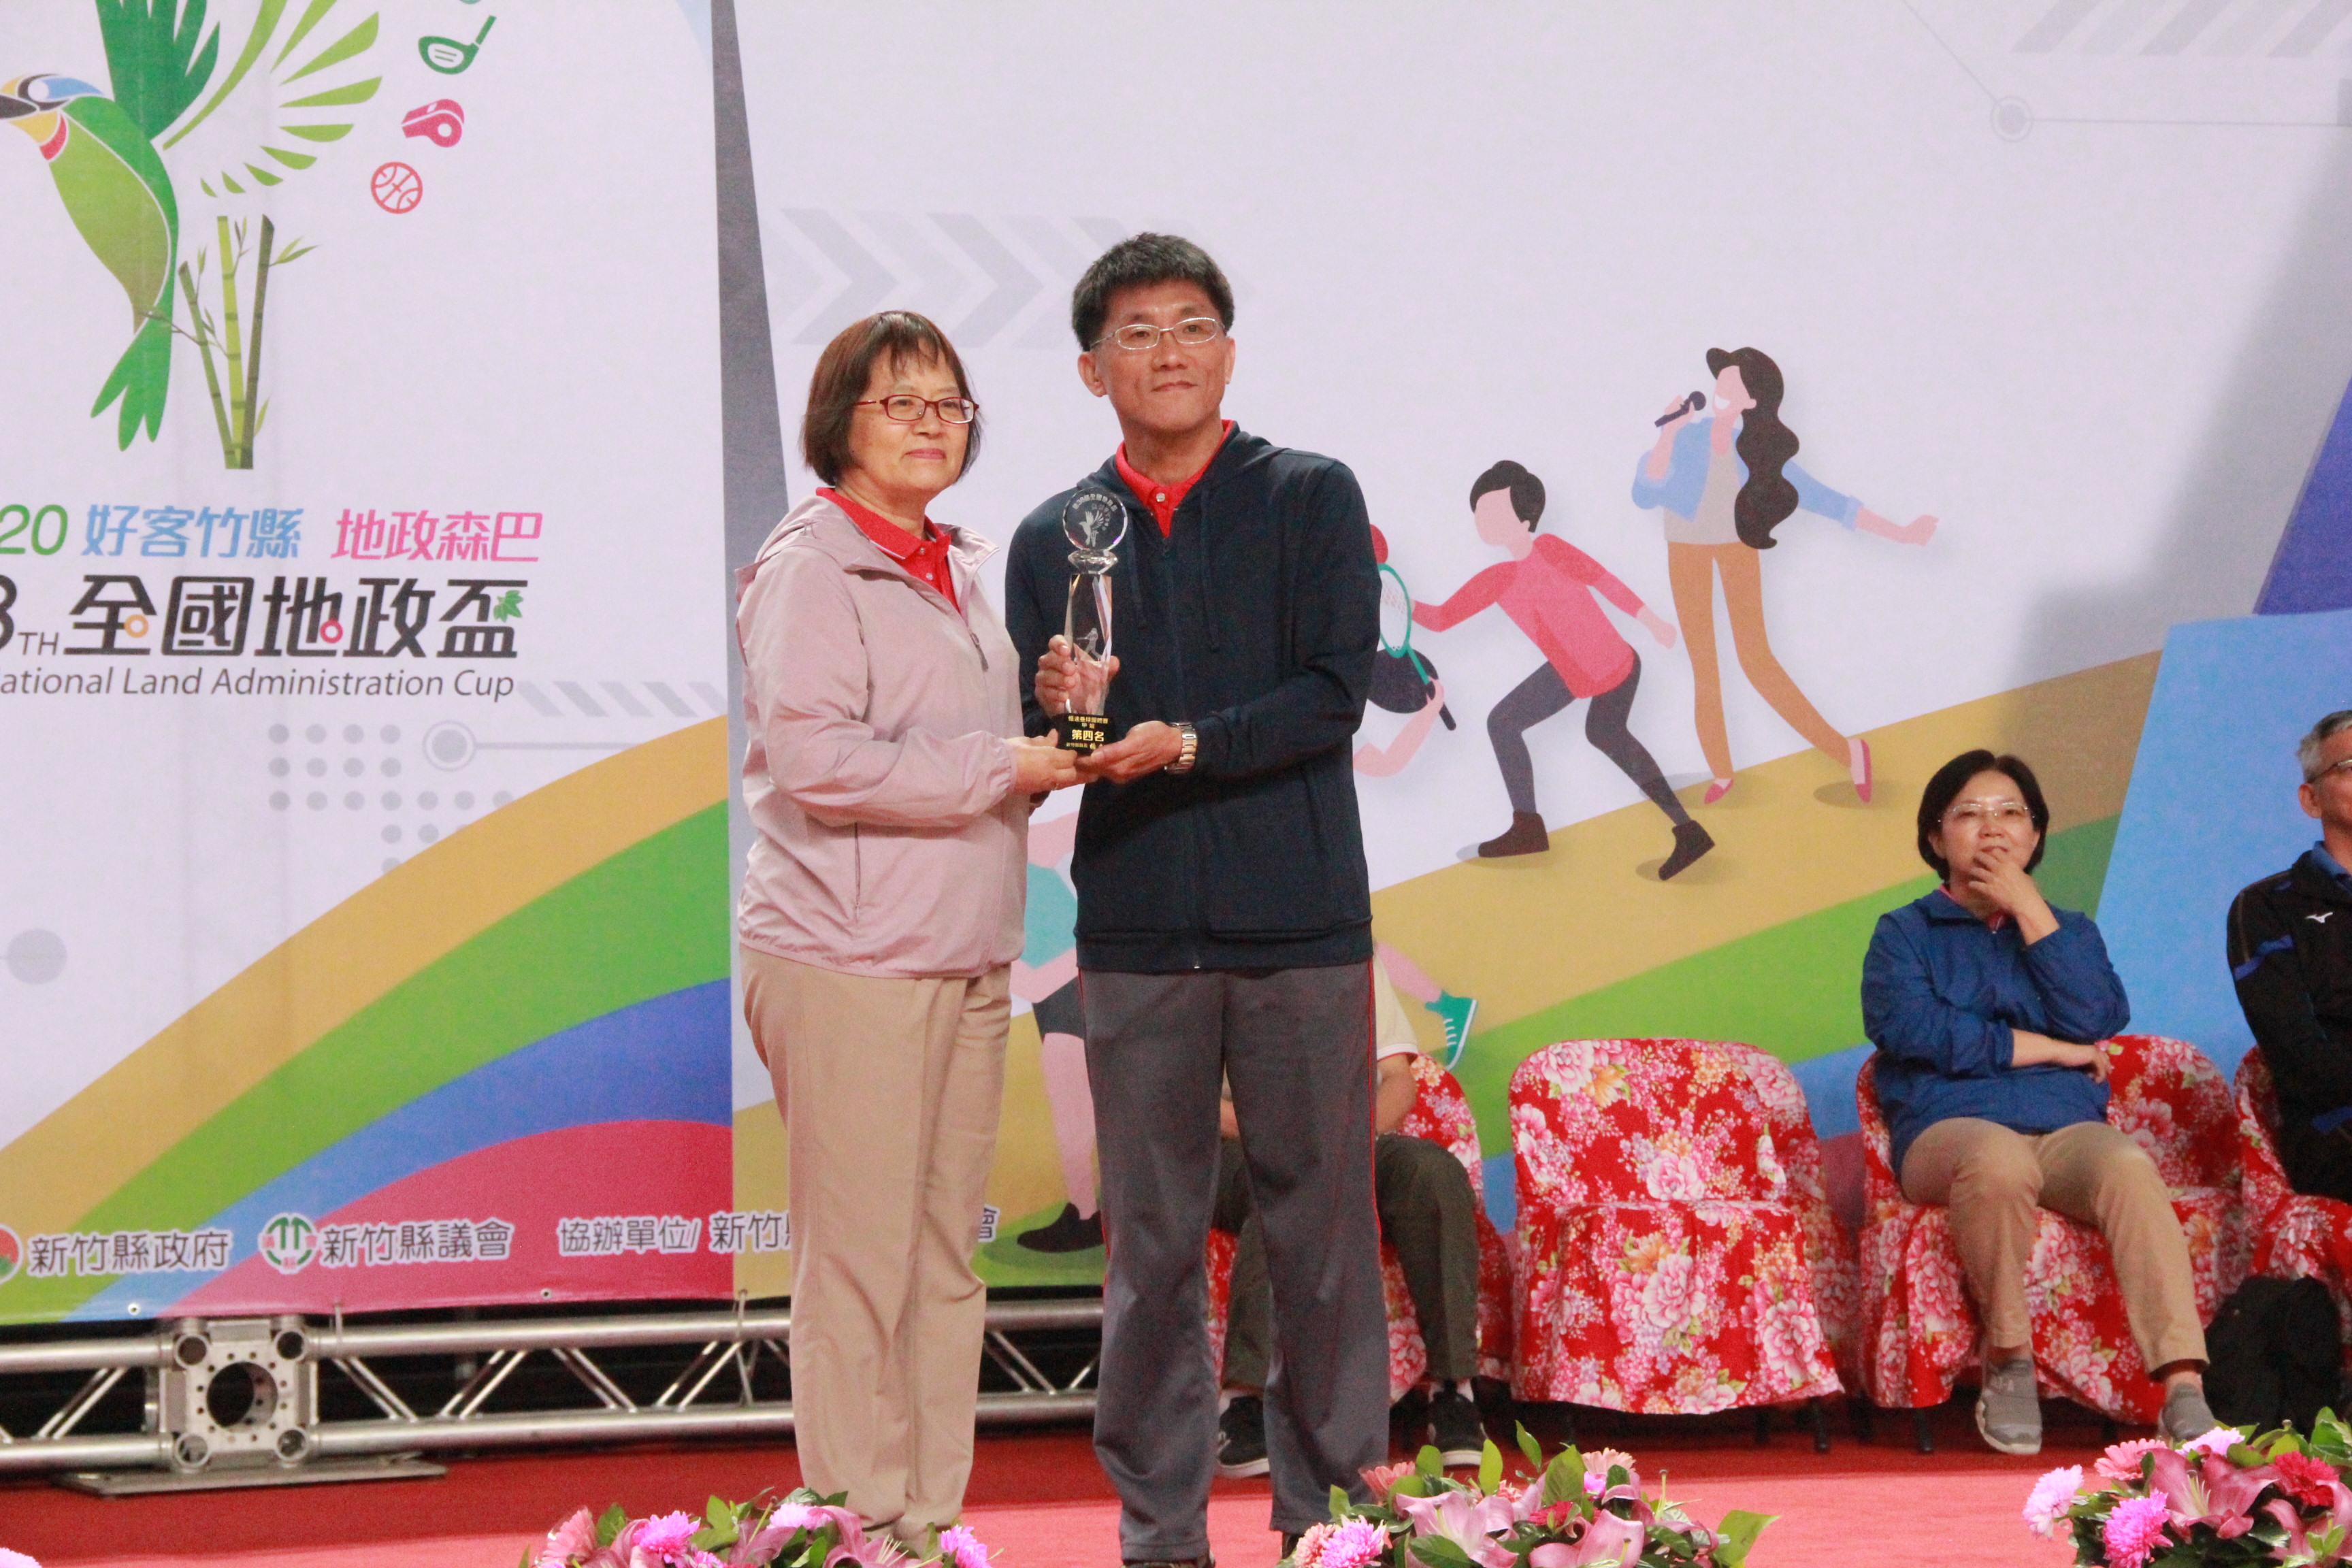 慢速壘球甲組(本中心組隊)榮獲第4名土地重劃工程處邱國銘(右)代表領獎